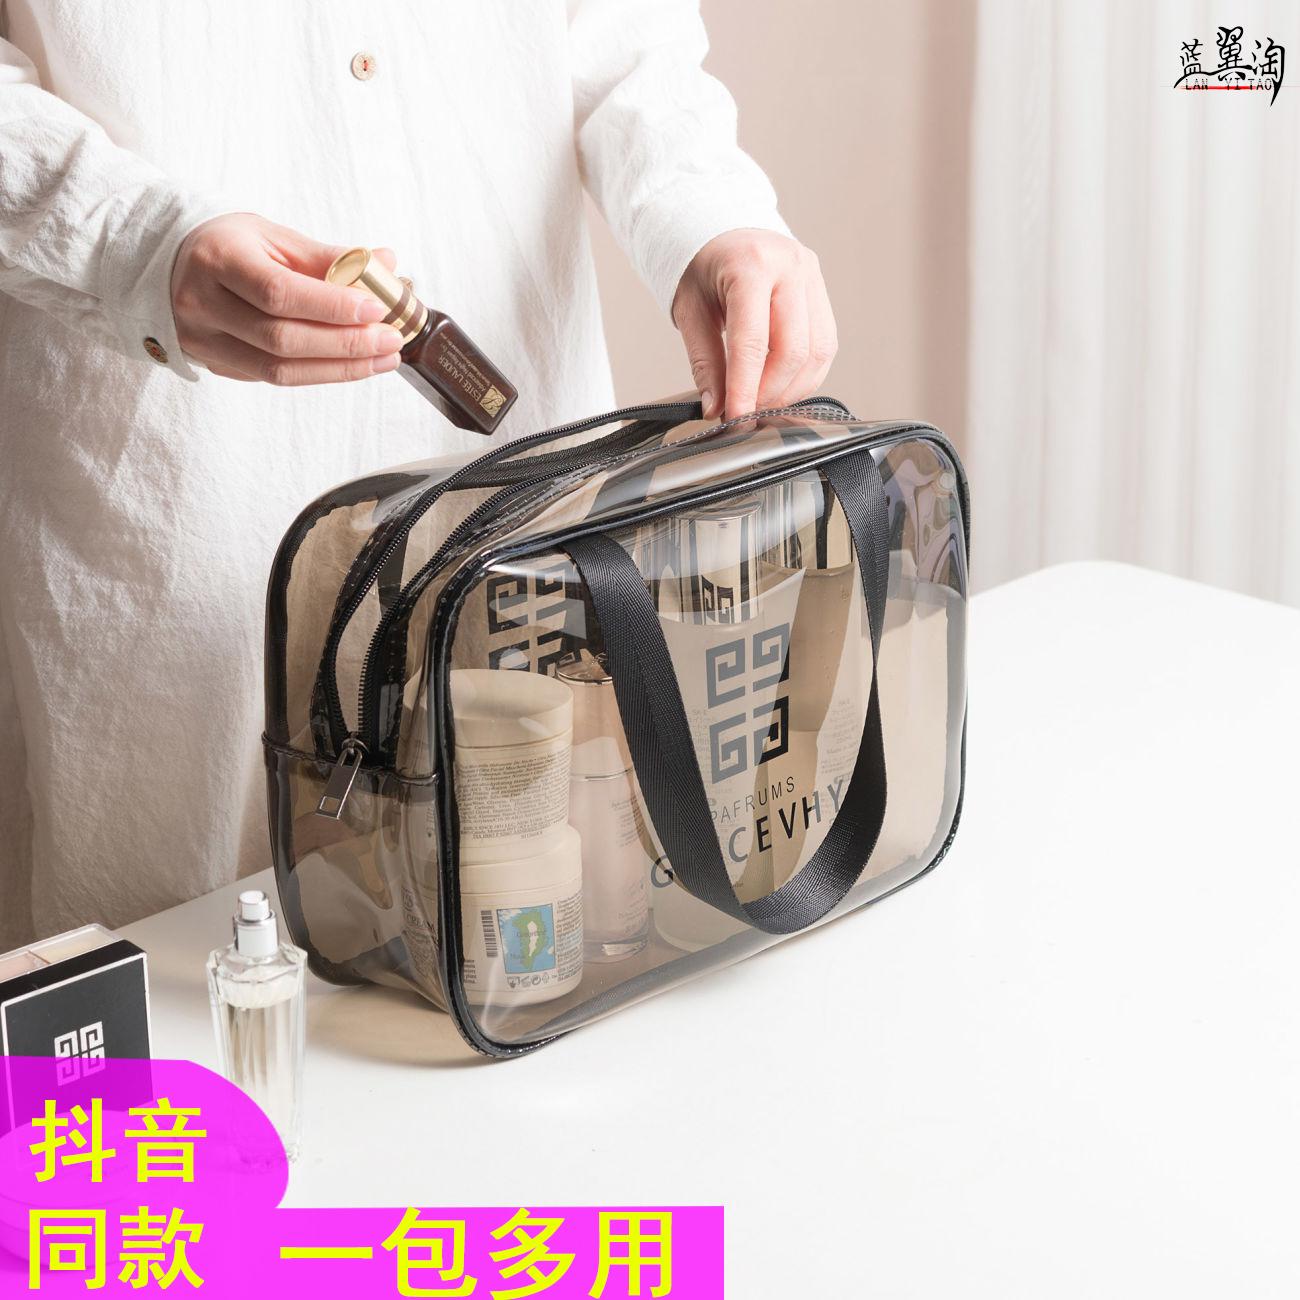 化妆包女便携2020新款超火大容量旅行防水洗漱品ins风透明收纳袋【图2】